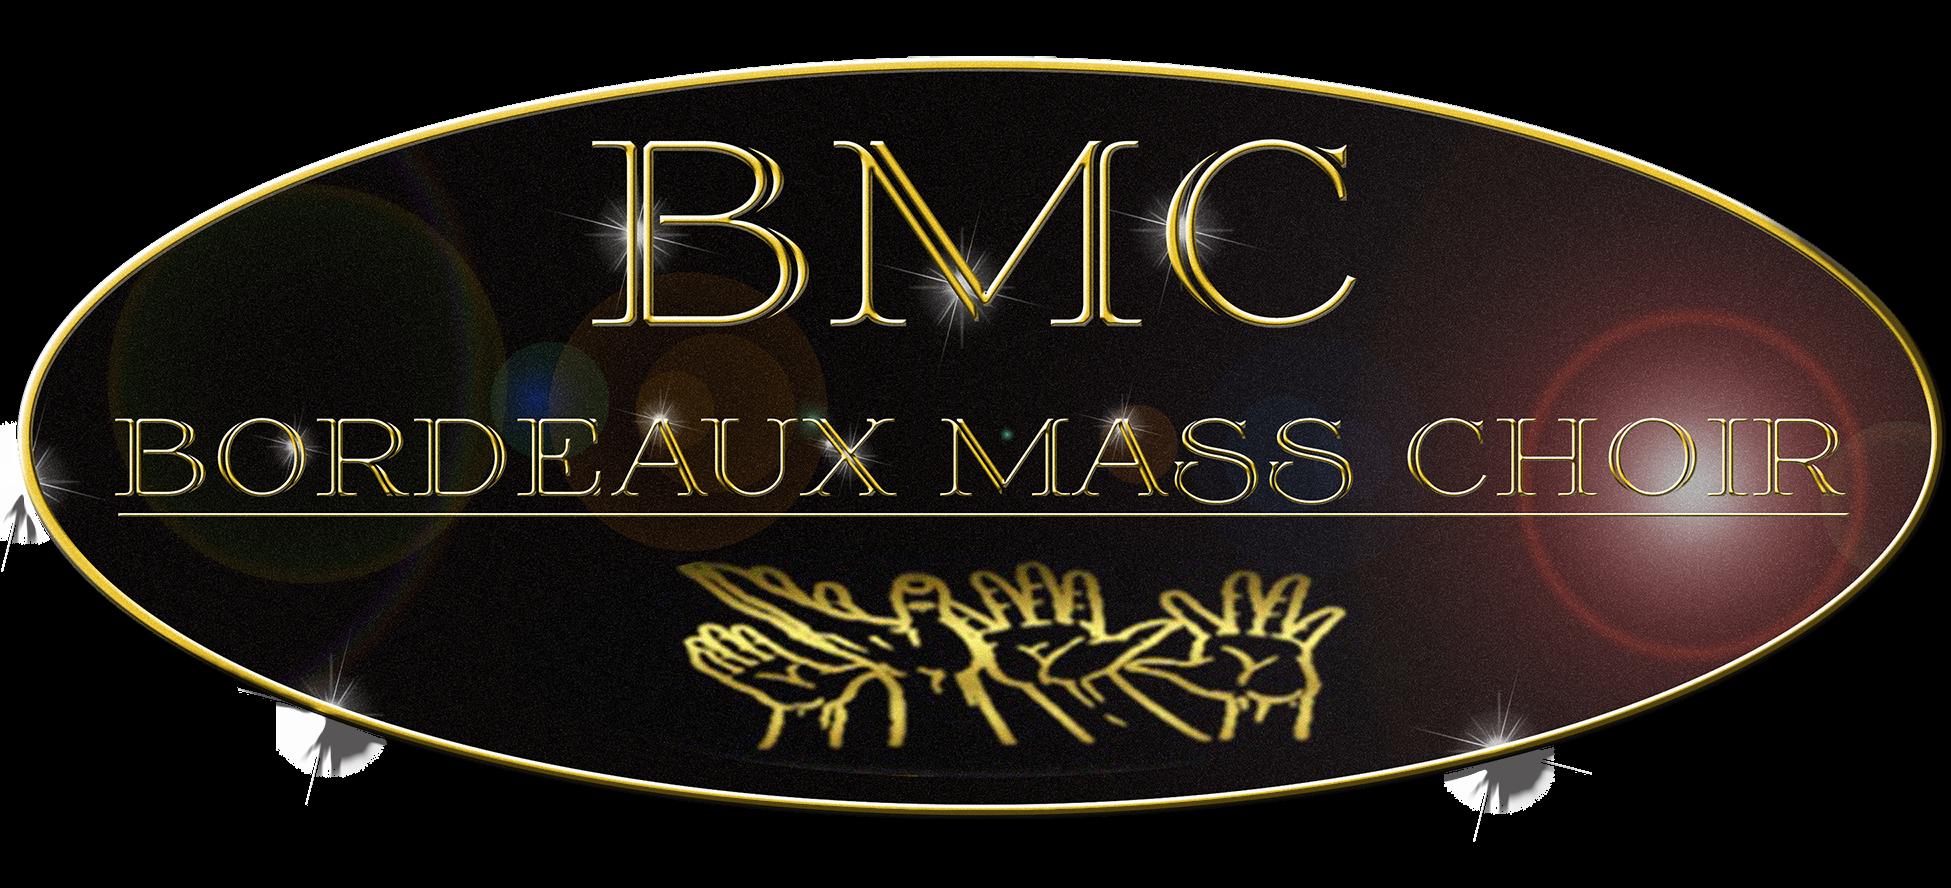 Bordeaux Mass Choir